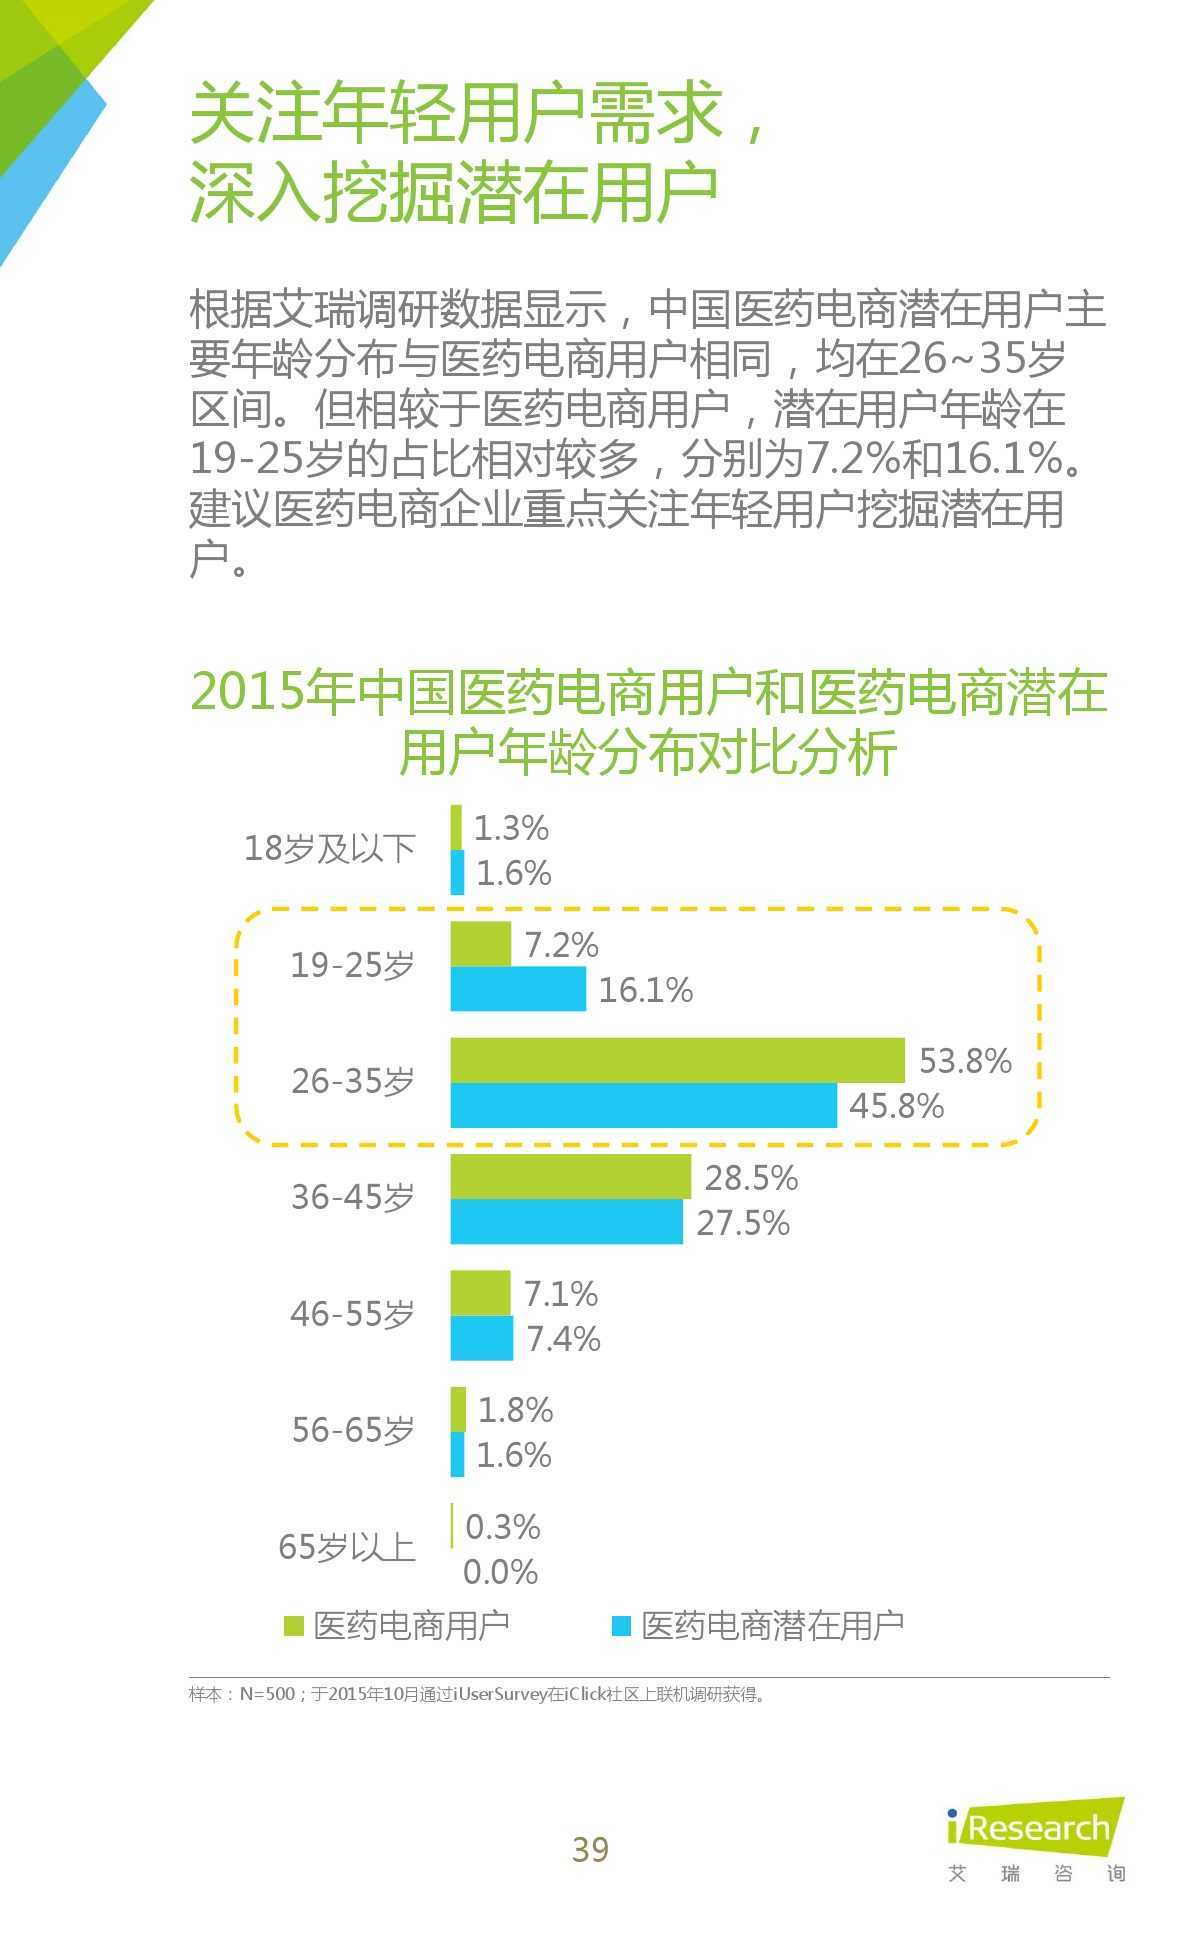 2015年中国医药电商用户行为研究报告_000039